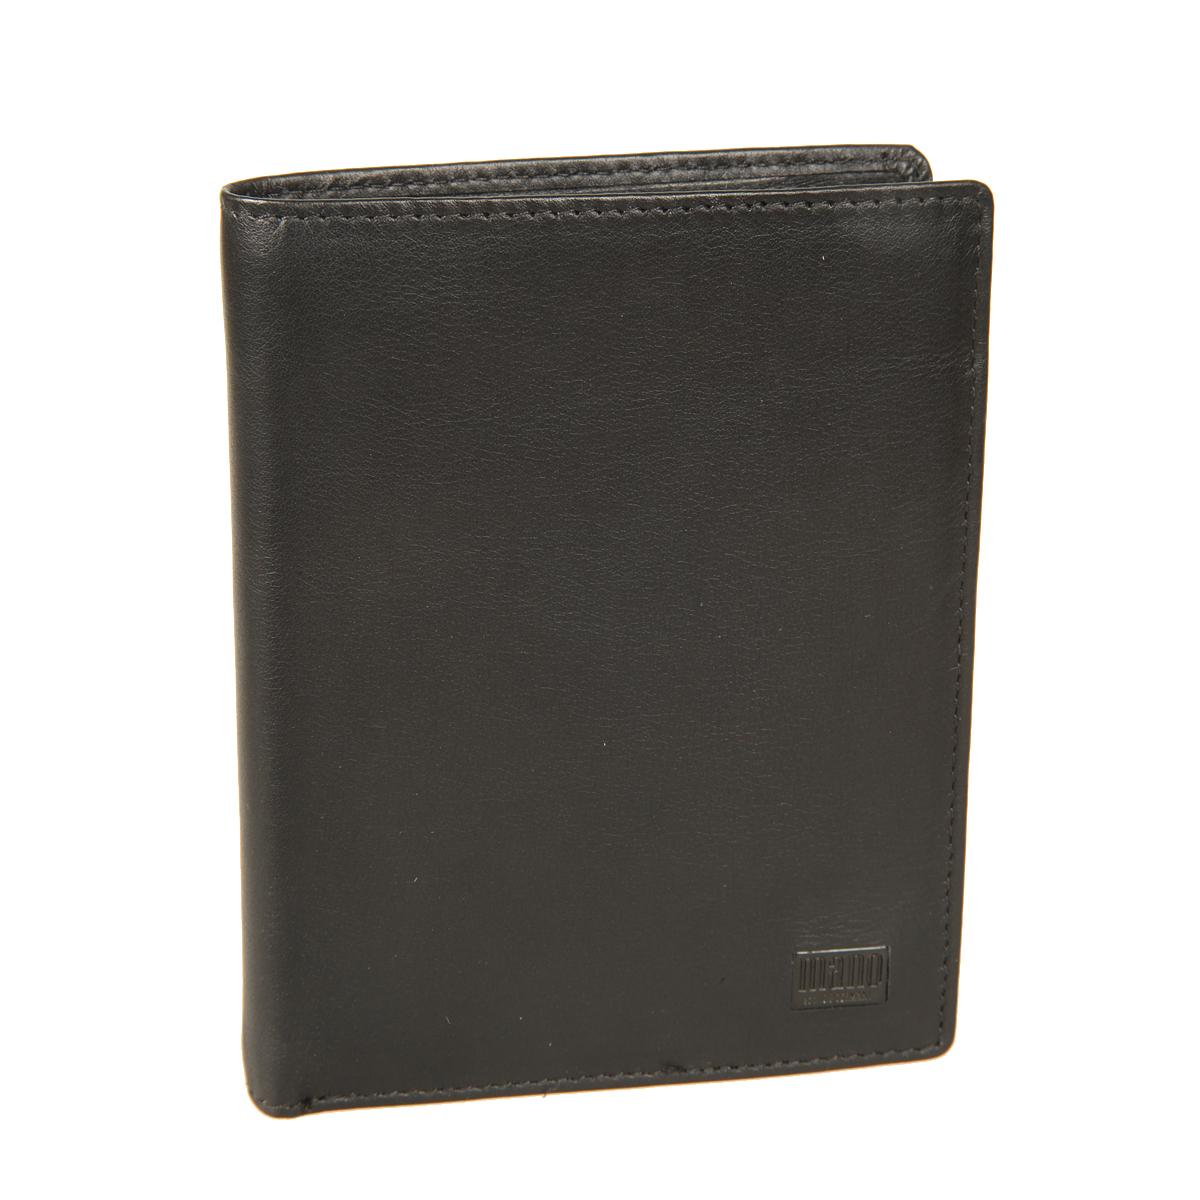 Портмоне мужское Mano, цвет: черный. 191591-022_516Стильное мужское портмоне Mano выполнено из натуральной кожи и оформлено не большой пластинкой с логотипом бренда. Внутри два отдела для купюр, отдел для мелочи с клапаном на кнопке, пять потайных карманов, восемь кармашков для пластиковых карт и один карман с сетчатой вставкой. Портмоне имеет Protect Pocket - защитный карман от считывания карты.Модель упакована в фирменную картонную коробку.